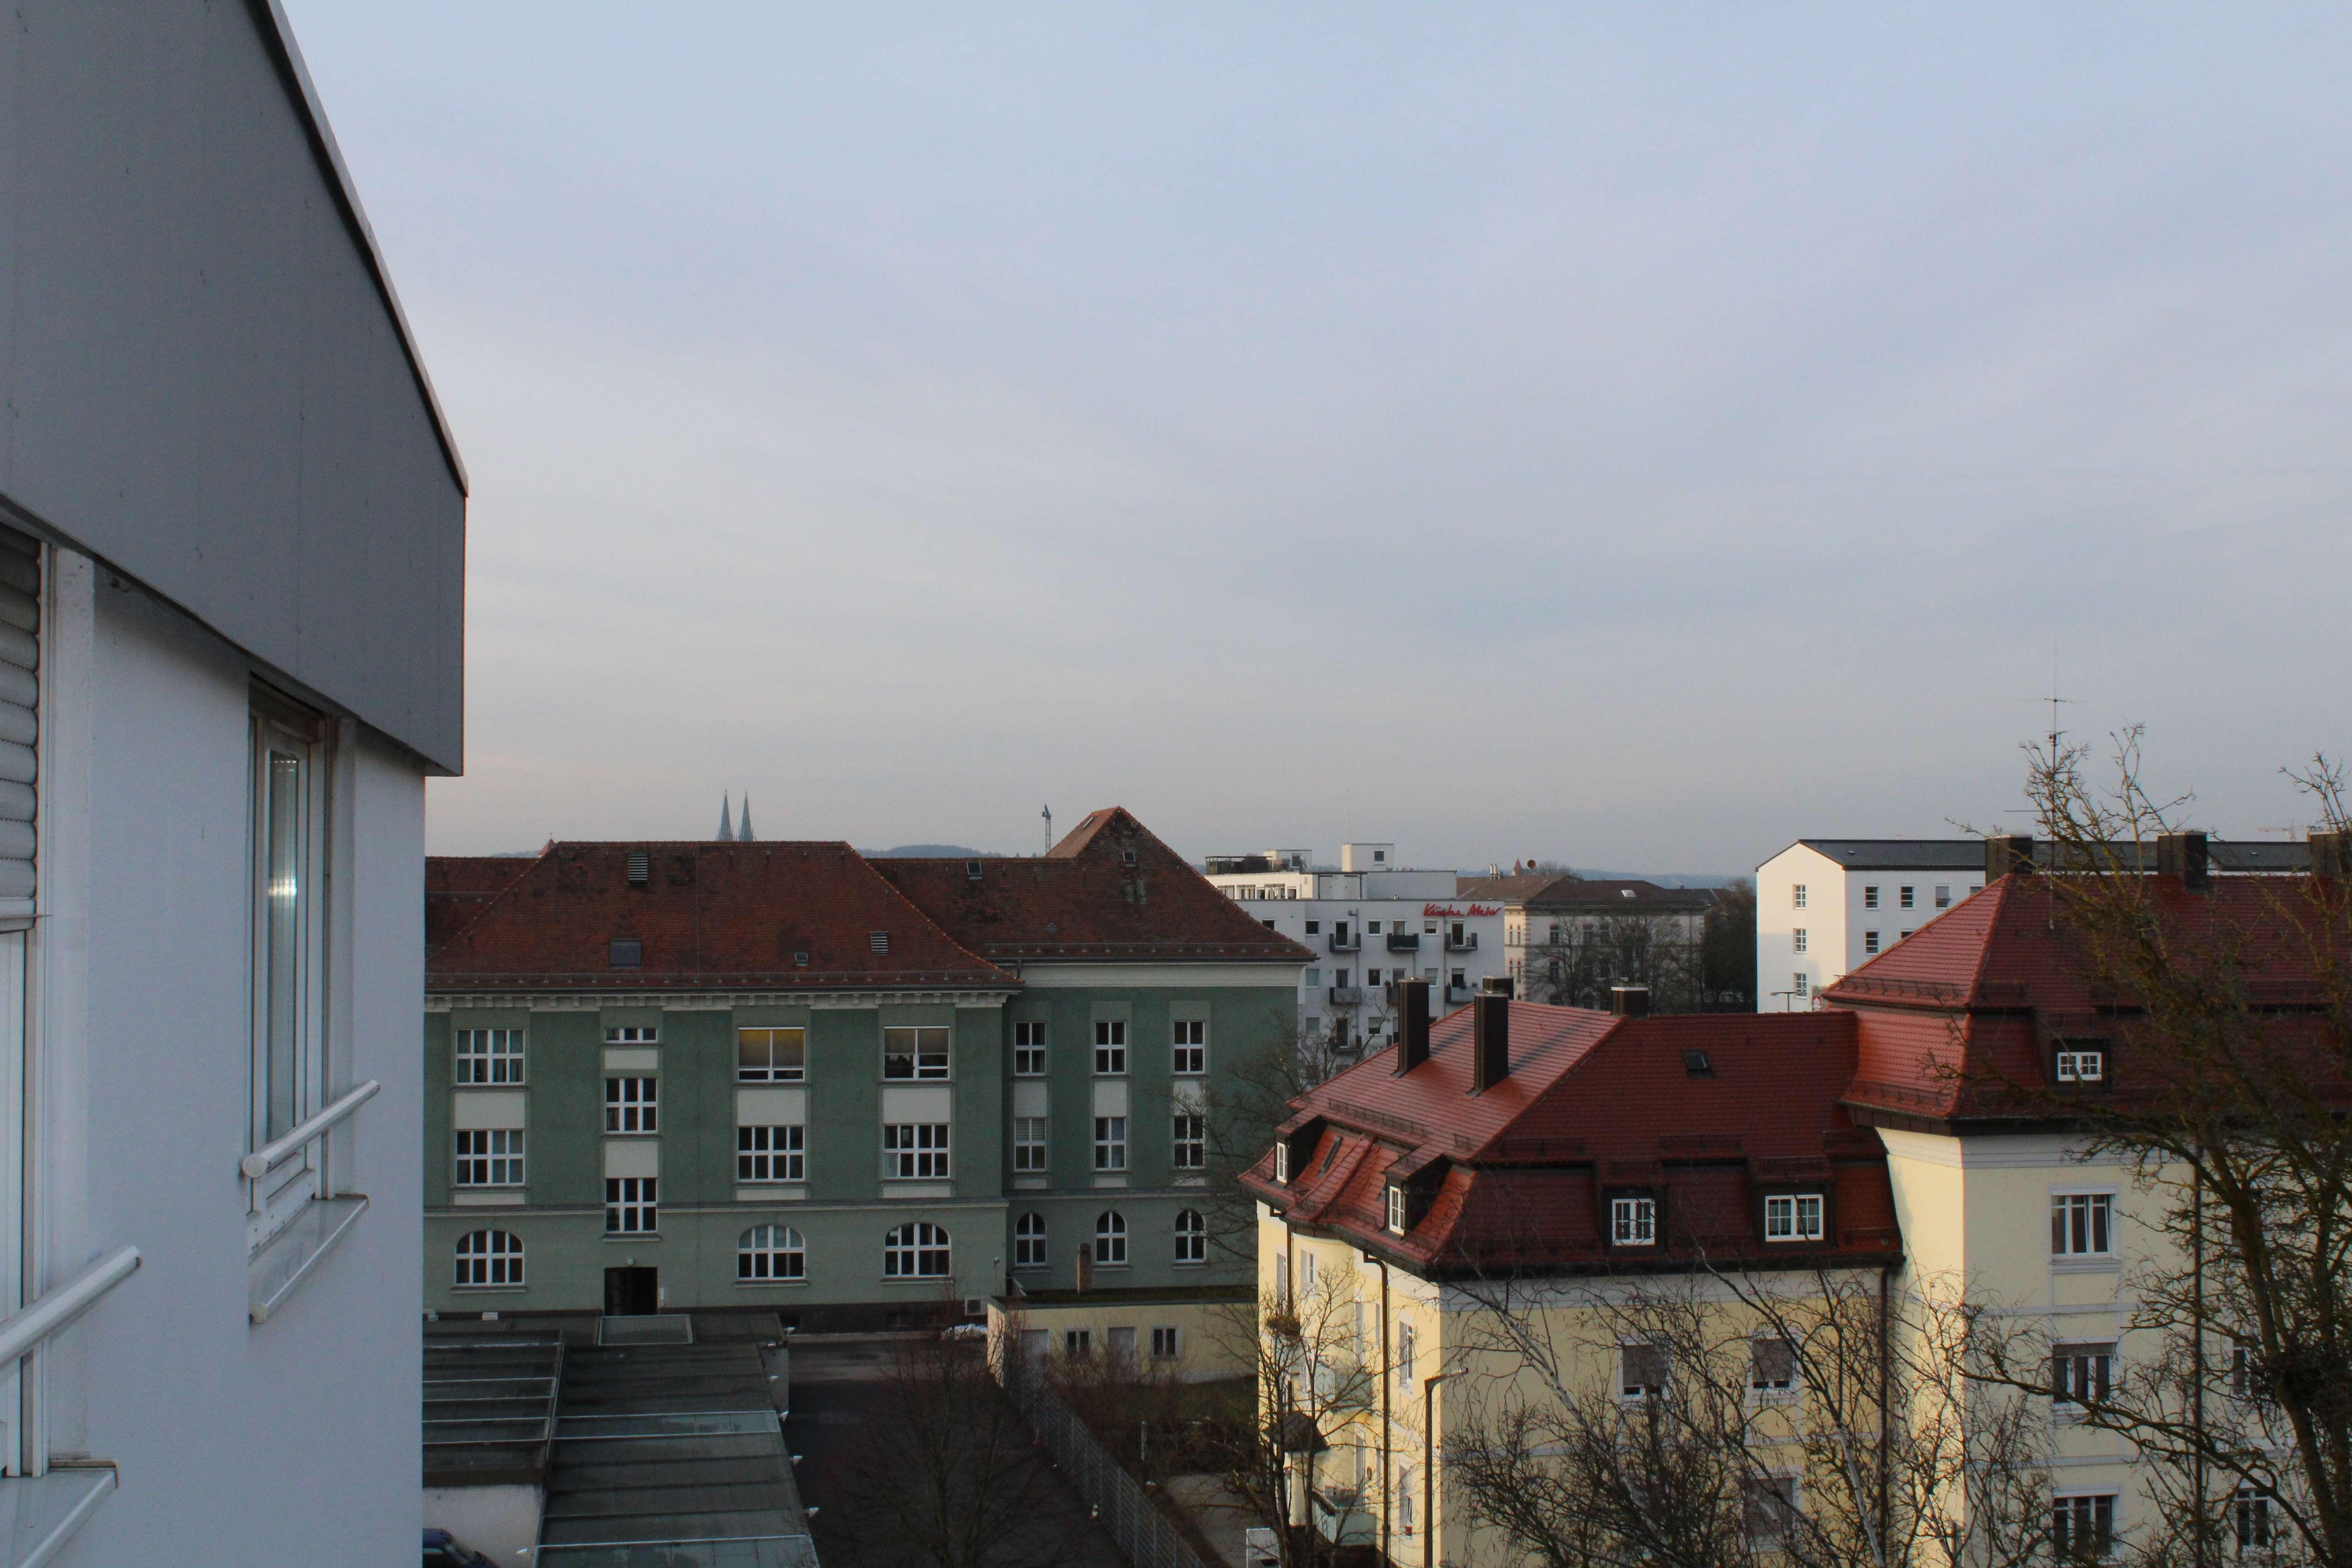 4-Zimmer-Wohnung im Regensburger Südosten in Kasernenviertel (Regensburg)